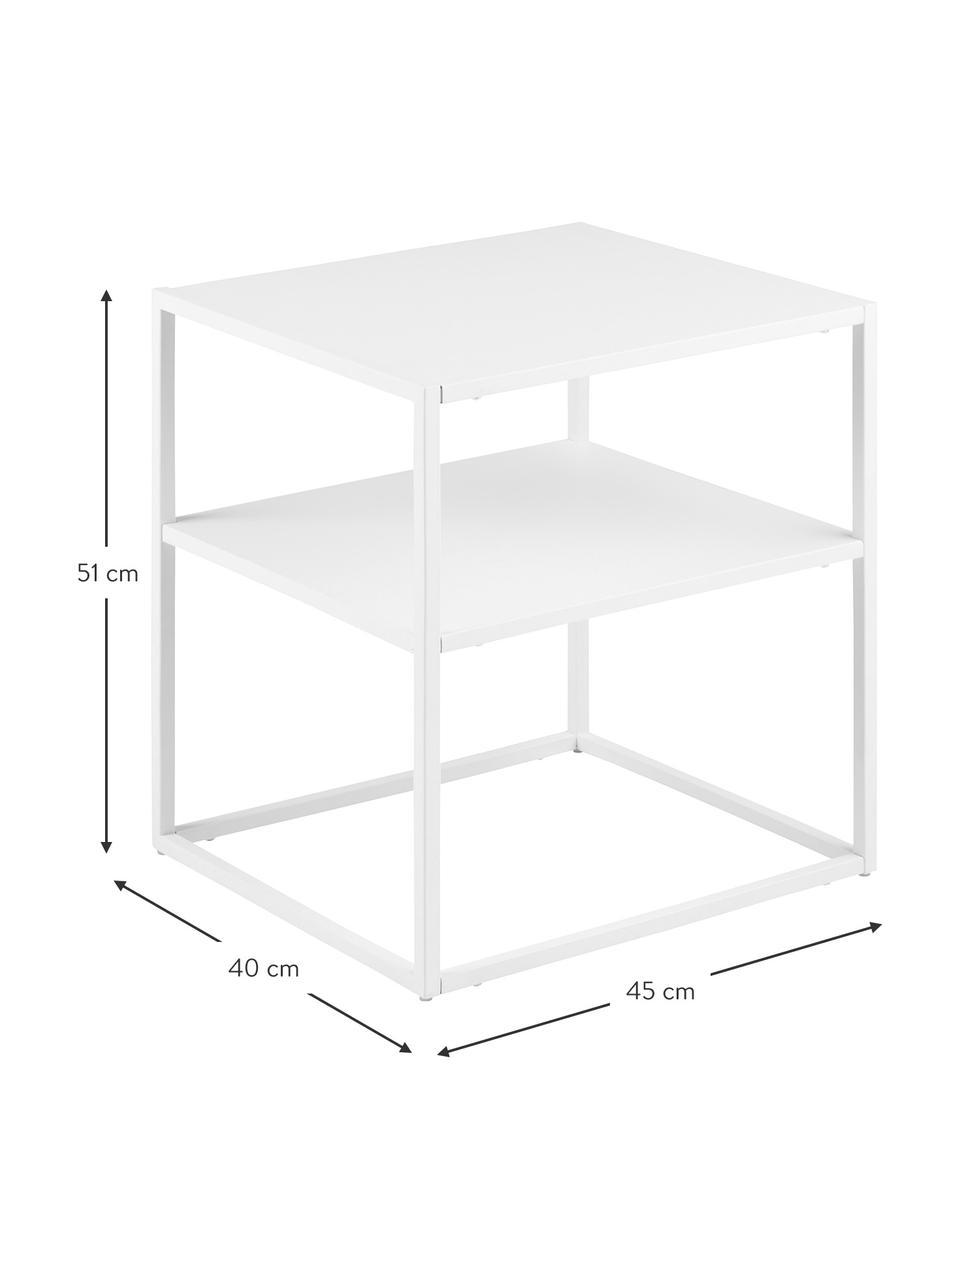 Tavolino in metallo bianco Neptun, Metallo verniciato a polvere, Bianco, Larg. 45 x Prof. 40 cm